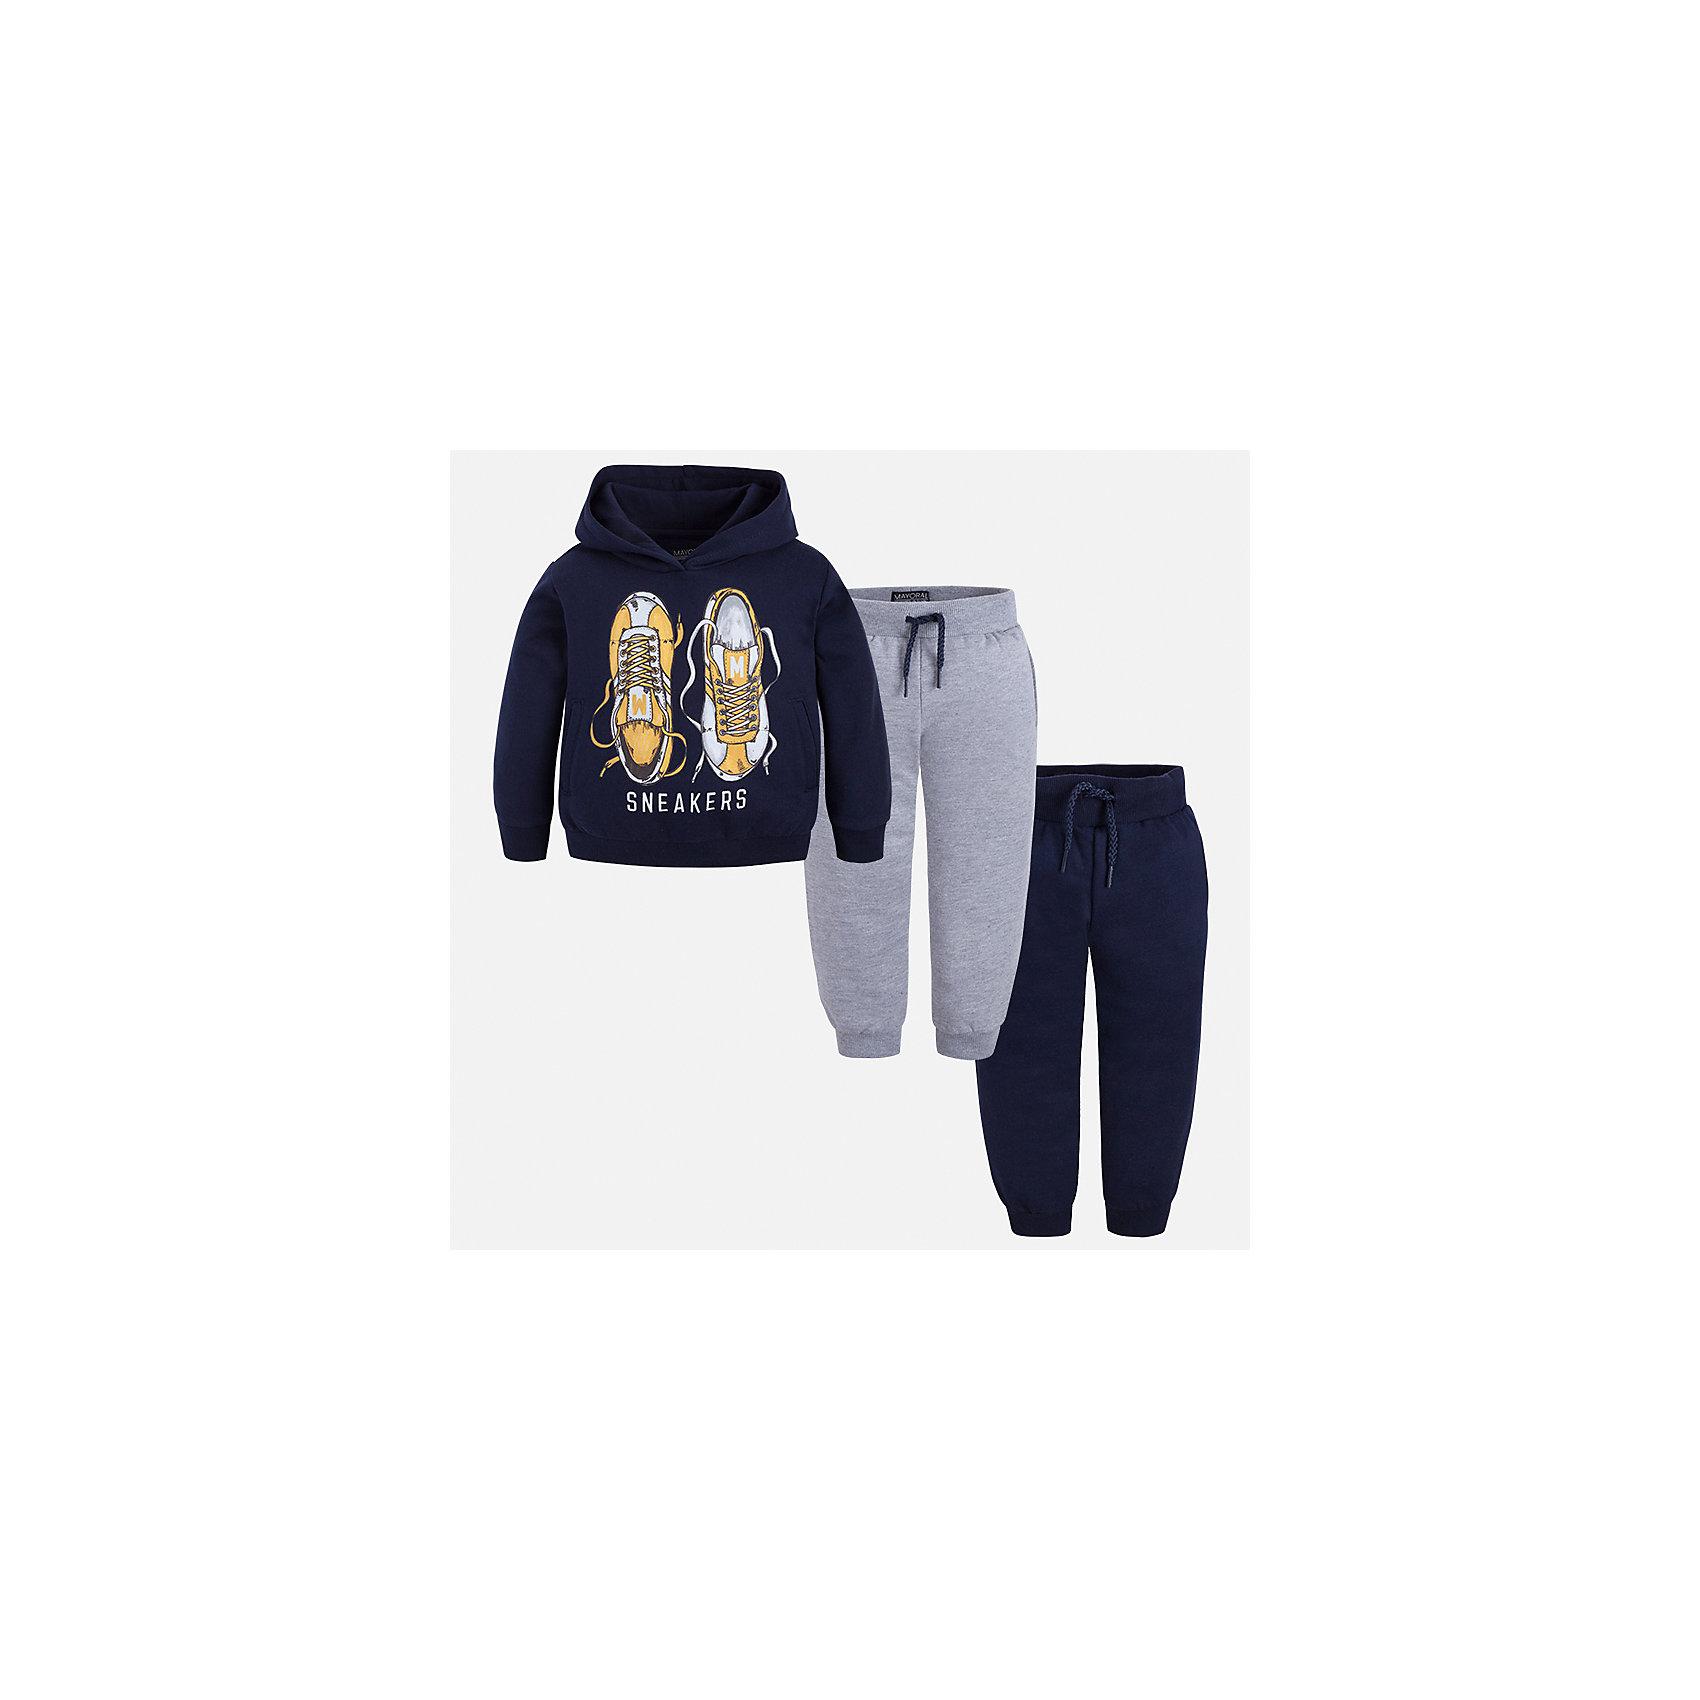 Спортивный костюм Mayoral для мальчикаКомплекты<br>Характеристики товара:<br><br>• цвет: темно-синий/серый<br>• состав ткани: 60% хлопок, 40% полиэстер<br>• комплектация: куртка, 2 брюк<br>• сезон: демисезон<br>• особенности модели: спортивный стиль<br>• капюшон<br>• длинные рукава<br>• пояс брюк: резинка, шнурок<br>• страна бренда: Испания<br>• страна изготовитель: Индия<br><br>Детский спортивный комплект состоит из курточки и двух брюк. Спортивный костюм сделан из плотного приятного на ощупь материала. Благодаря продуманному крою детского спортивного костюма создаются комфортные условия для тела. Спортивный комплект для мальчика отличается стильный продуманным дизайном.<br><br>Спортивный костюм для мальчика Mayoral (Майорал) можно купить в нашем интернет-магазине.<br><br>Ширина мм: 247<br>Глубина мм: 16<br>Высота мм: 140<br>Вес г: 225<br>Цвет: сине-серый<br>Возраст от месяцев: 96<br>Возраст до месяцев: 108<br>Пол: Мужской<br>Возраст: Детский<br>Размер: 134,128,92,98,104,110,116,122<br>SKU: 6933106